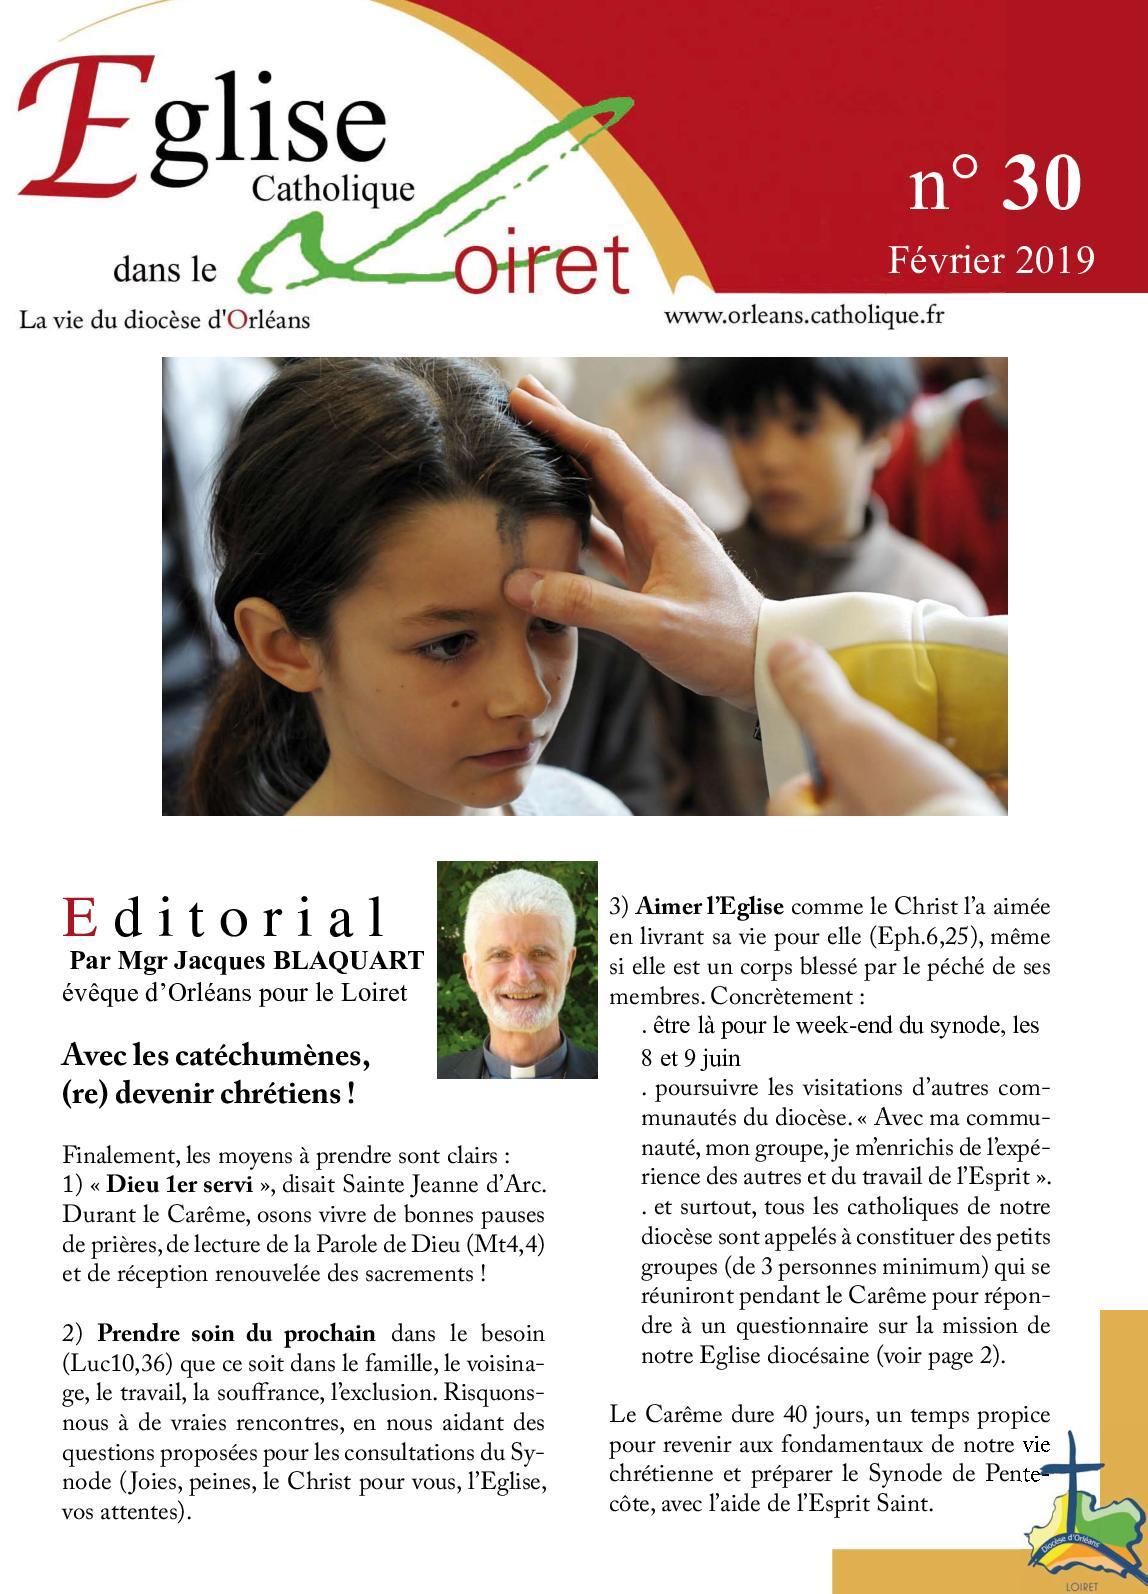 EGLISE DANS LE LOIRET N°30 FEVRIER 2019